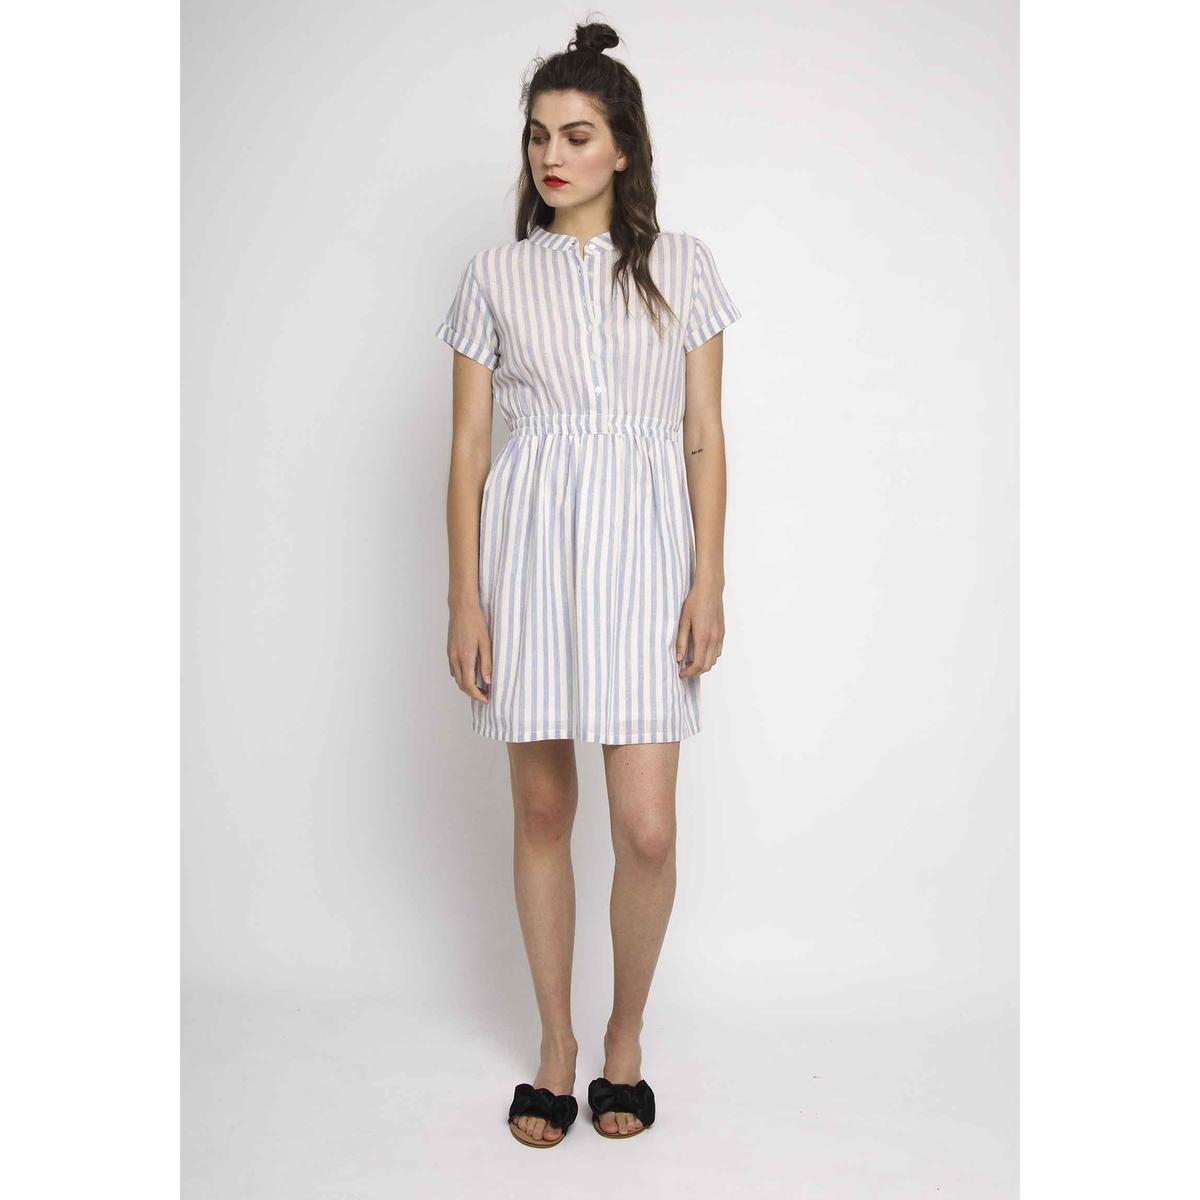 Платье в полоску с короткими рукавами и эластичным поясом season4reason season4reason платье с поясом 168056